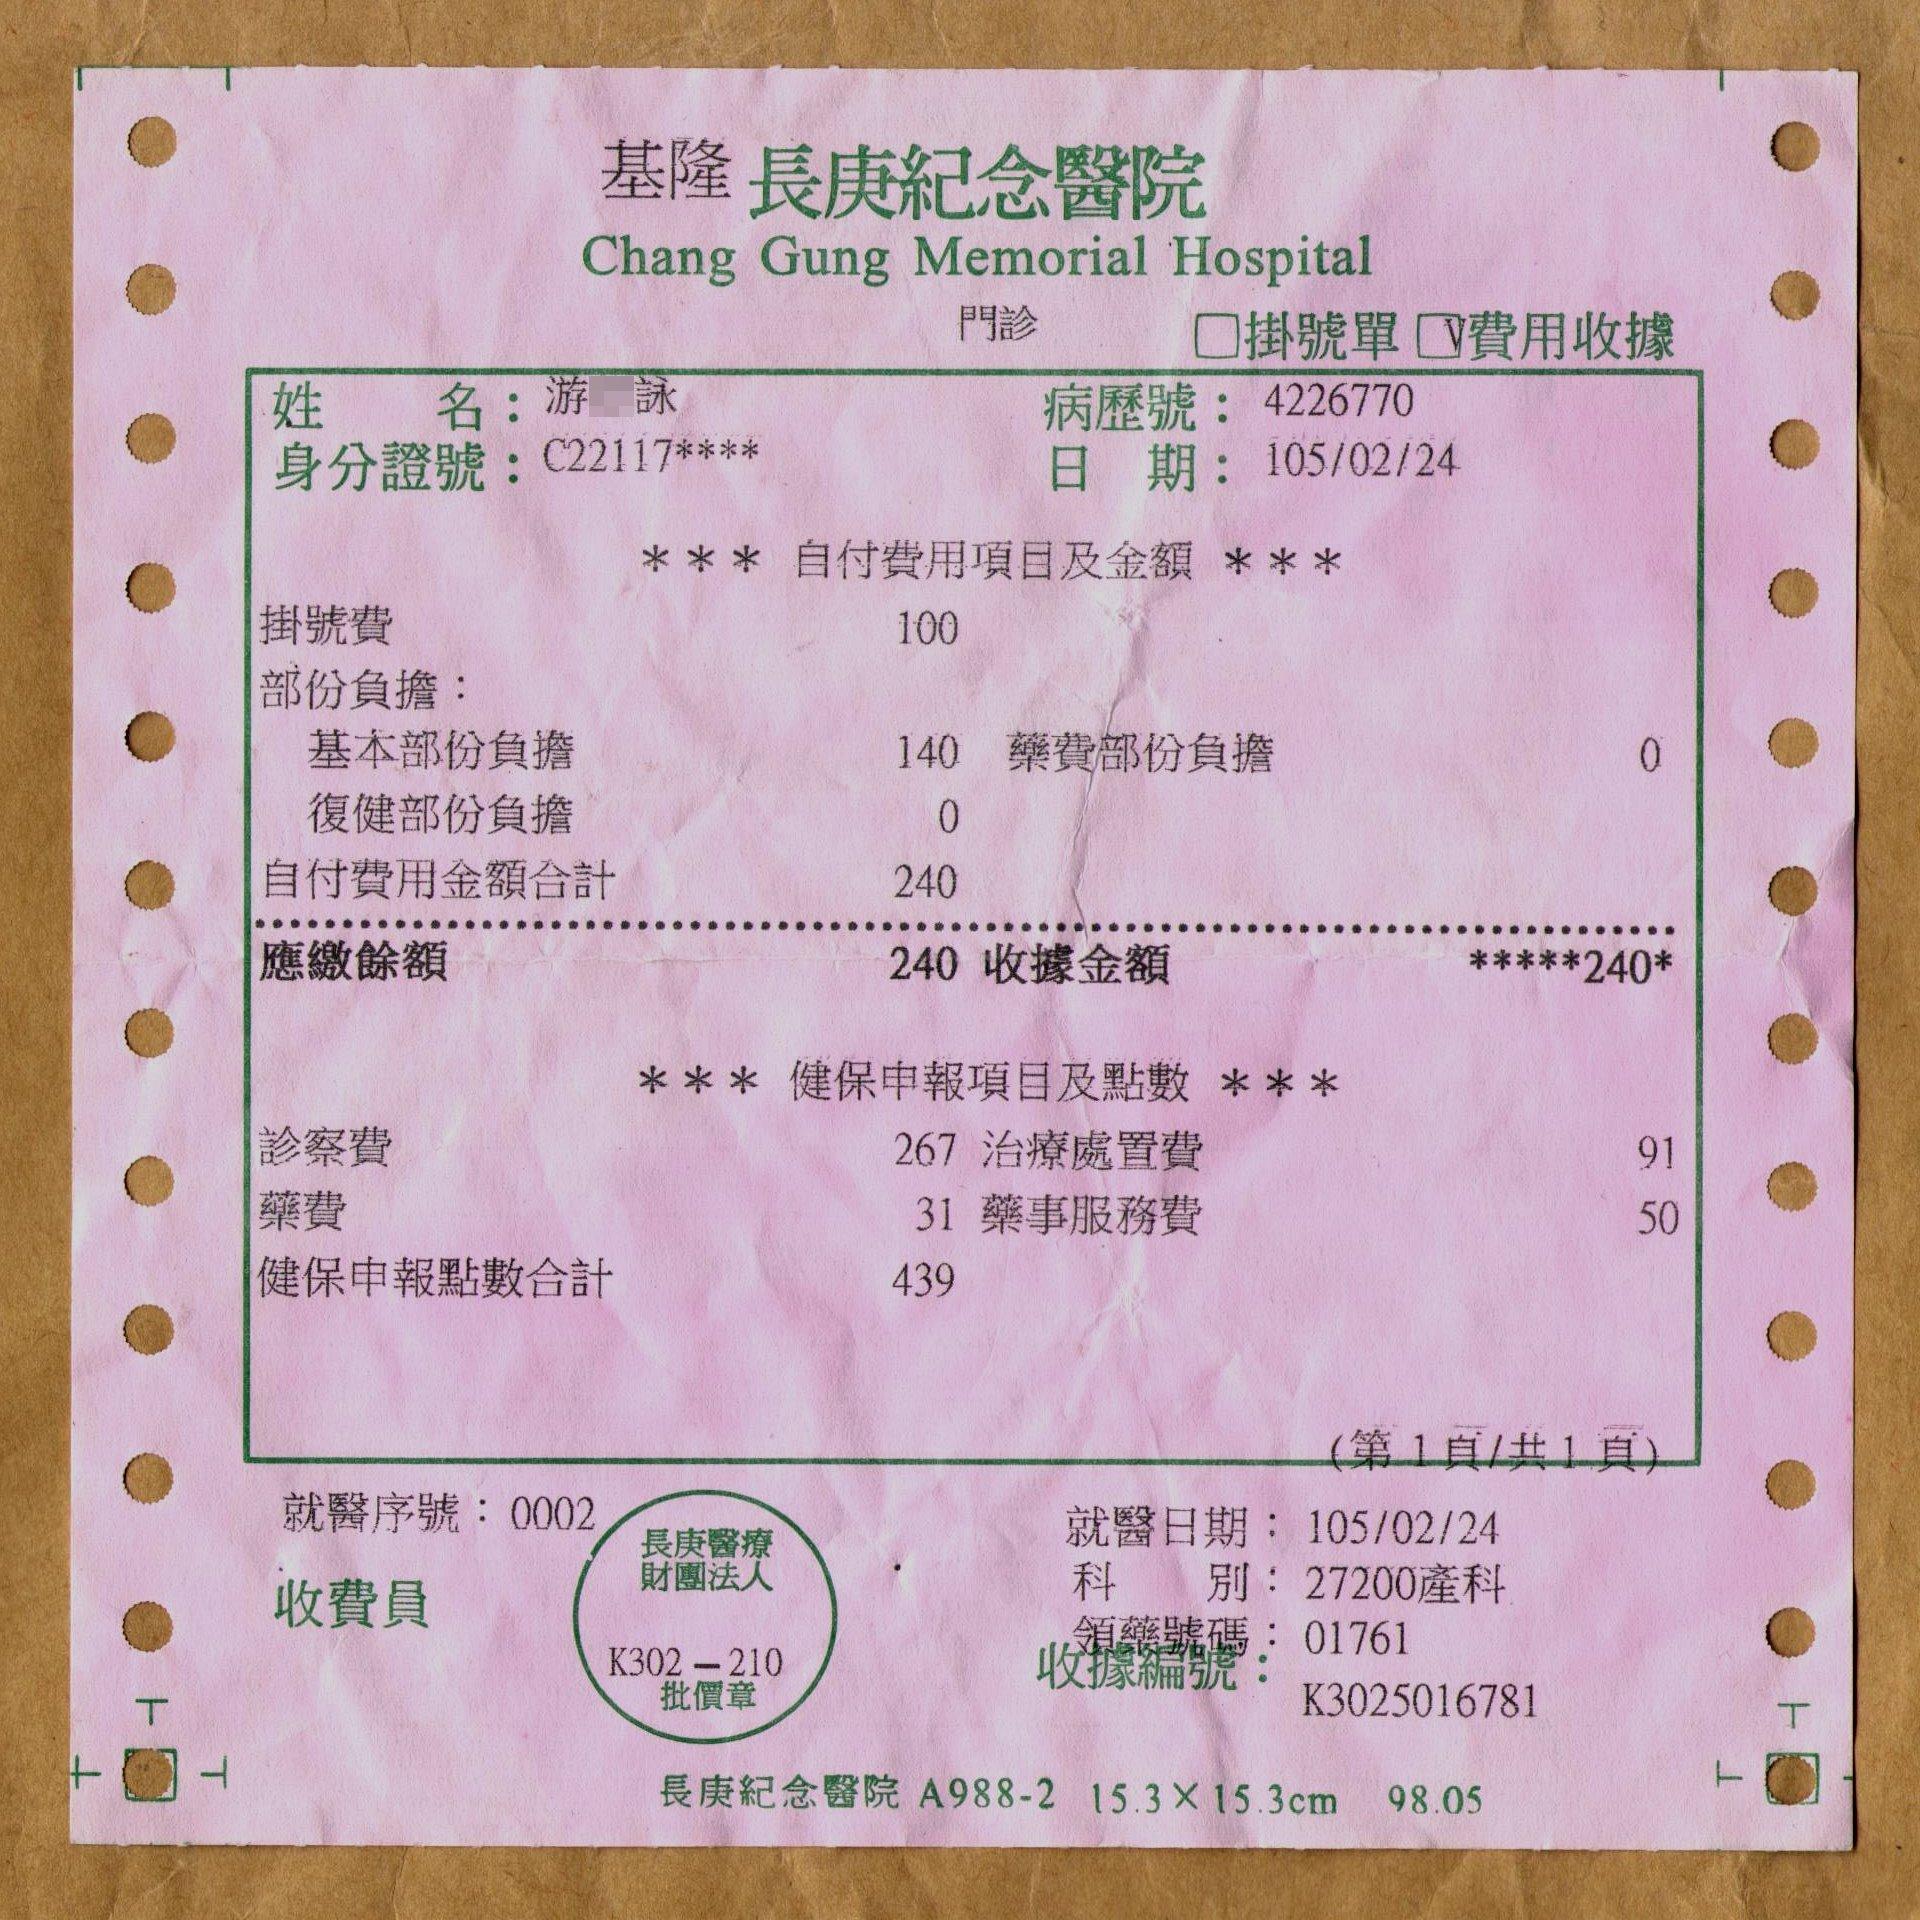 filechang gung memorial hospital medical expenditure receipt 20160224 facejpg